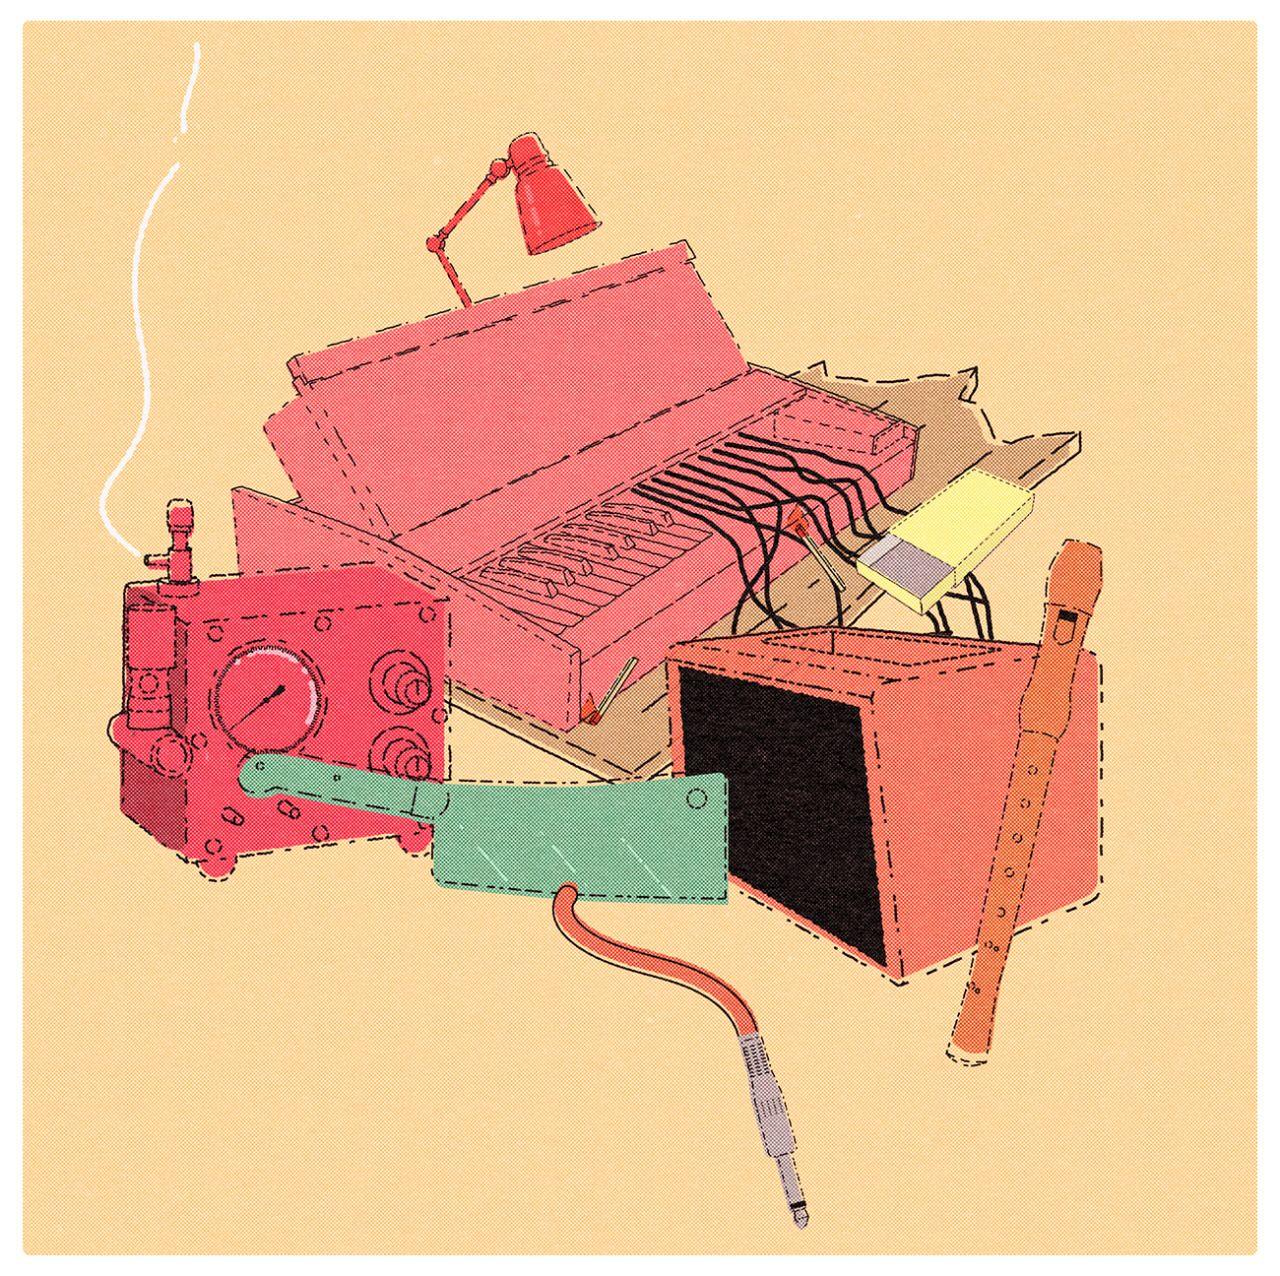 #illustration  #digital #instruments